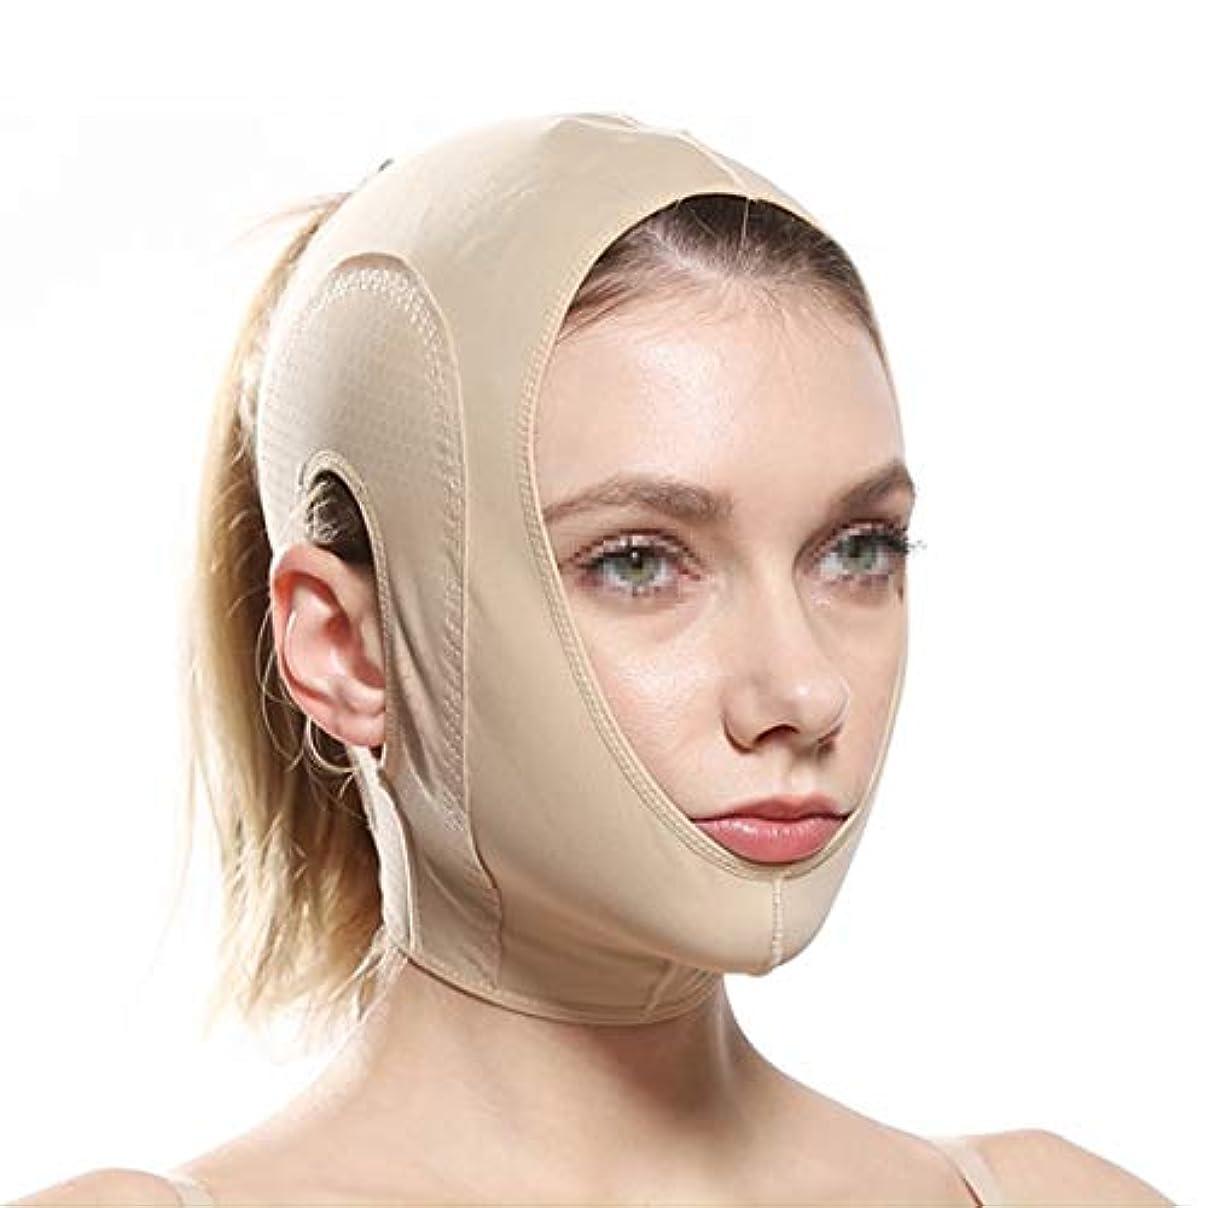 勉強する皮遵守するZWBD フェイスマスク, フェイスリフティング包帯vフェイスフェイスしわvフェイス包帯美容マスクリフトタイトビューティー